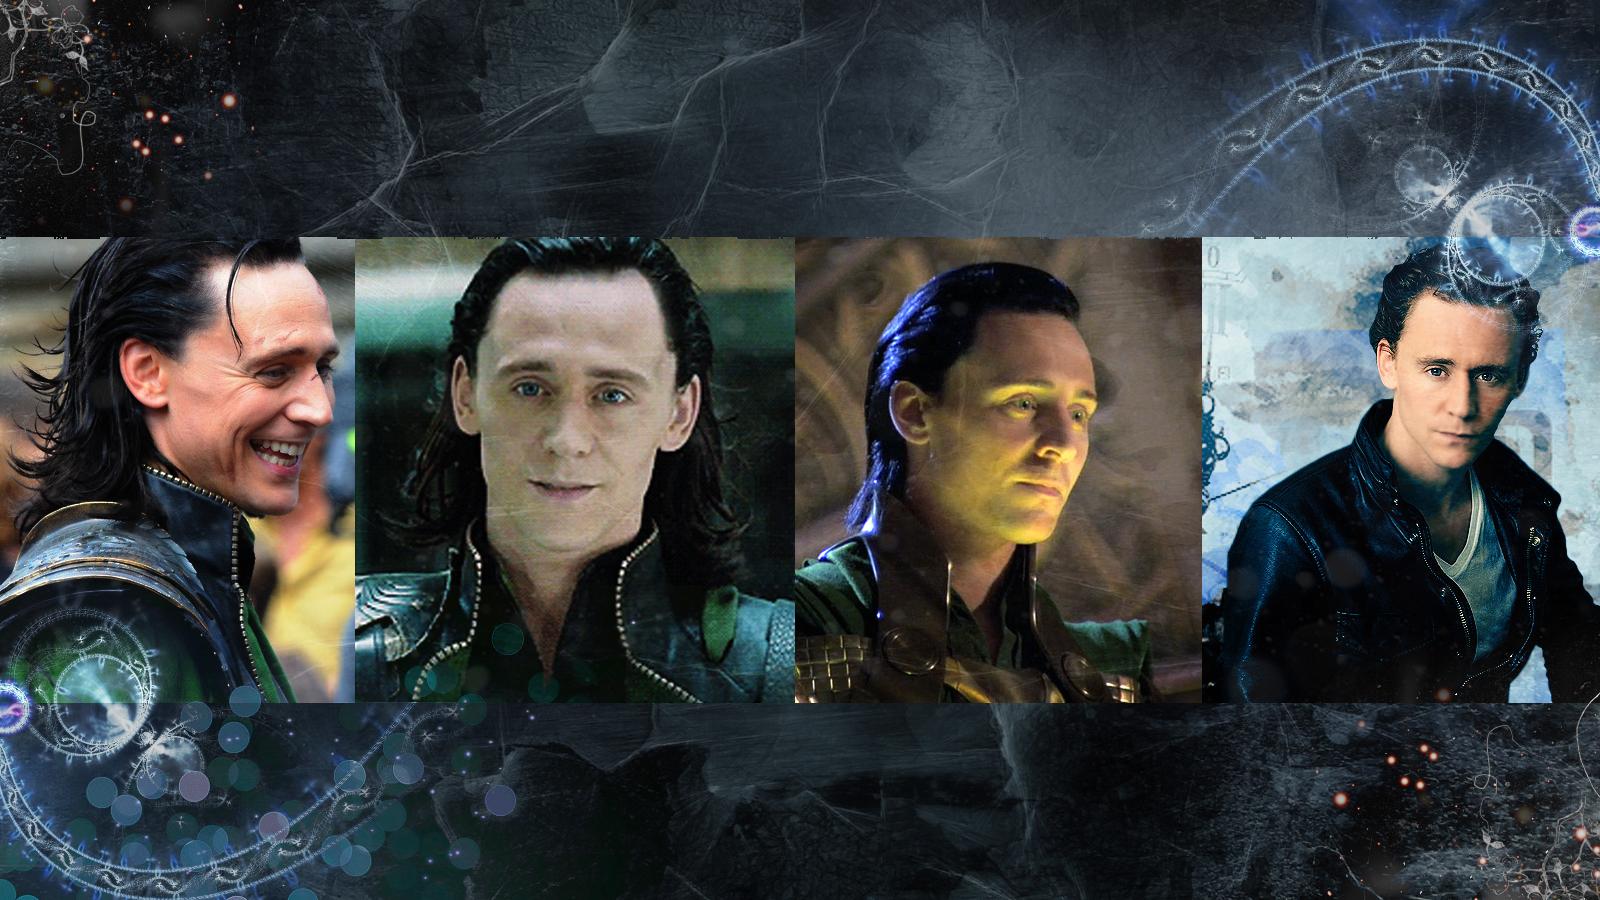 Loki Tom Hiddleston Wallpaper 2 By KuraiNight